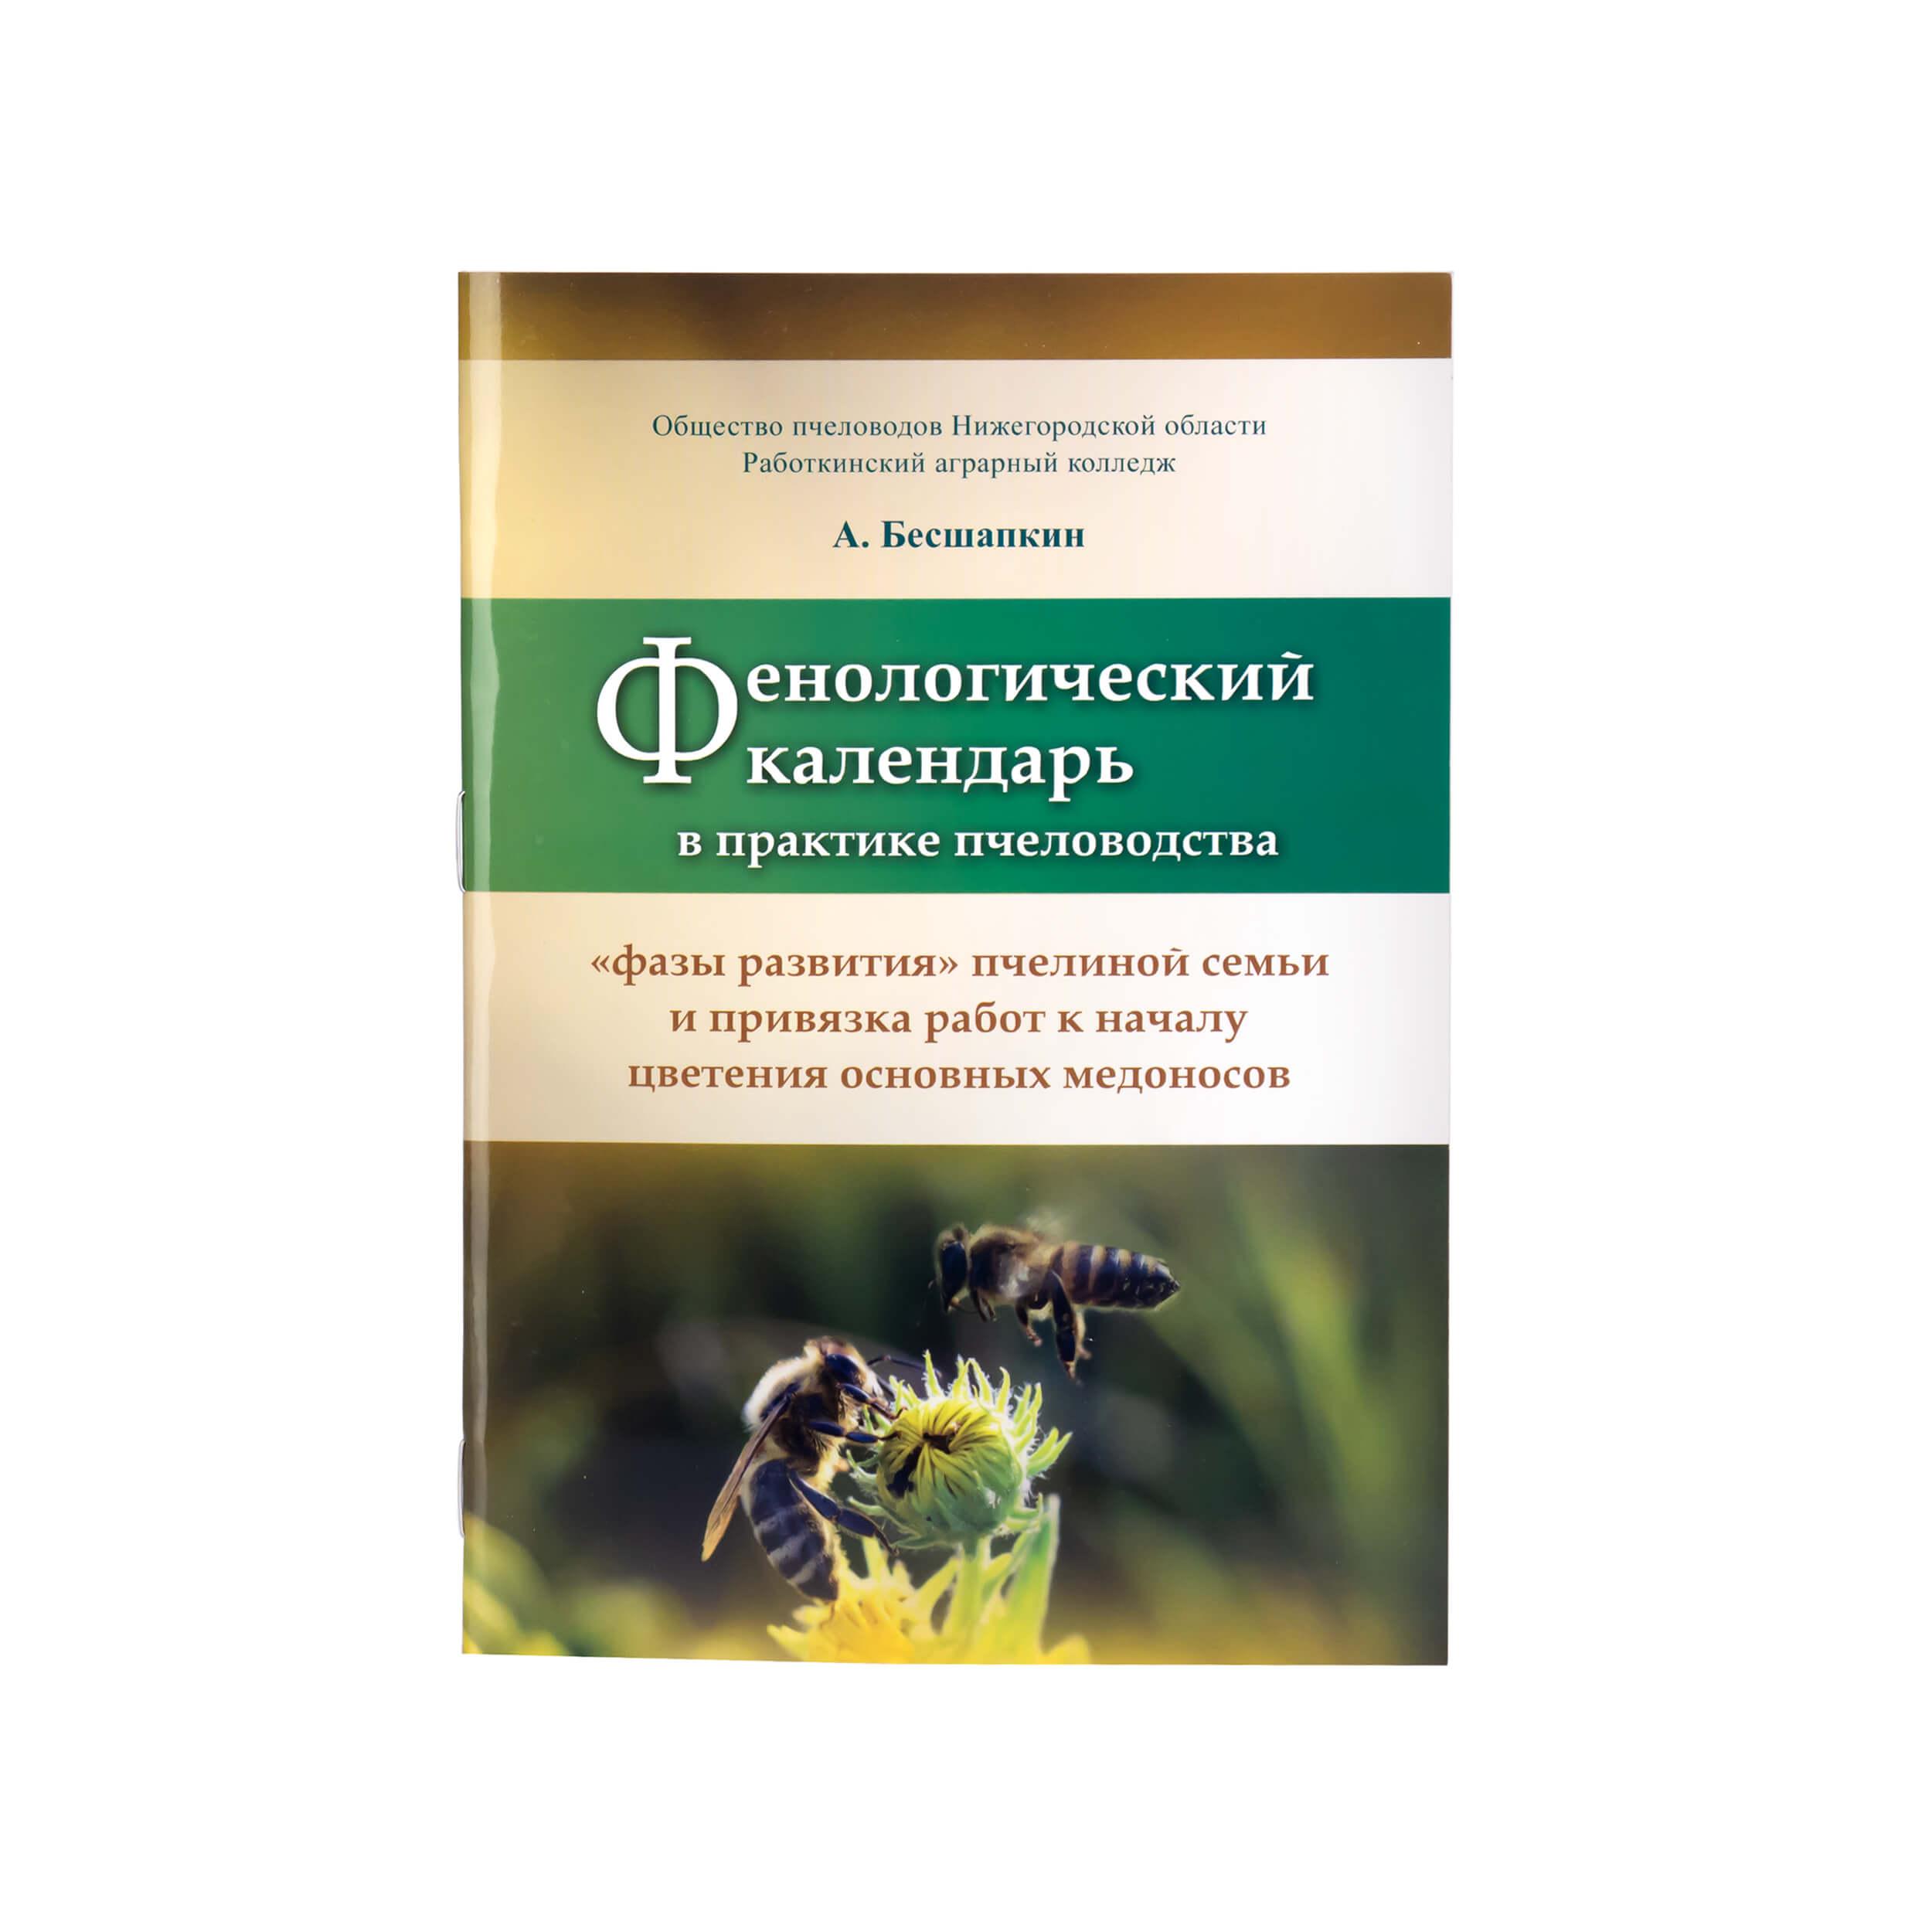 """Книга """"Фенологический календарь в практике пчеловодства"""" Бесшапкин А.Н. фото"""